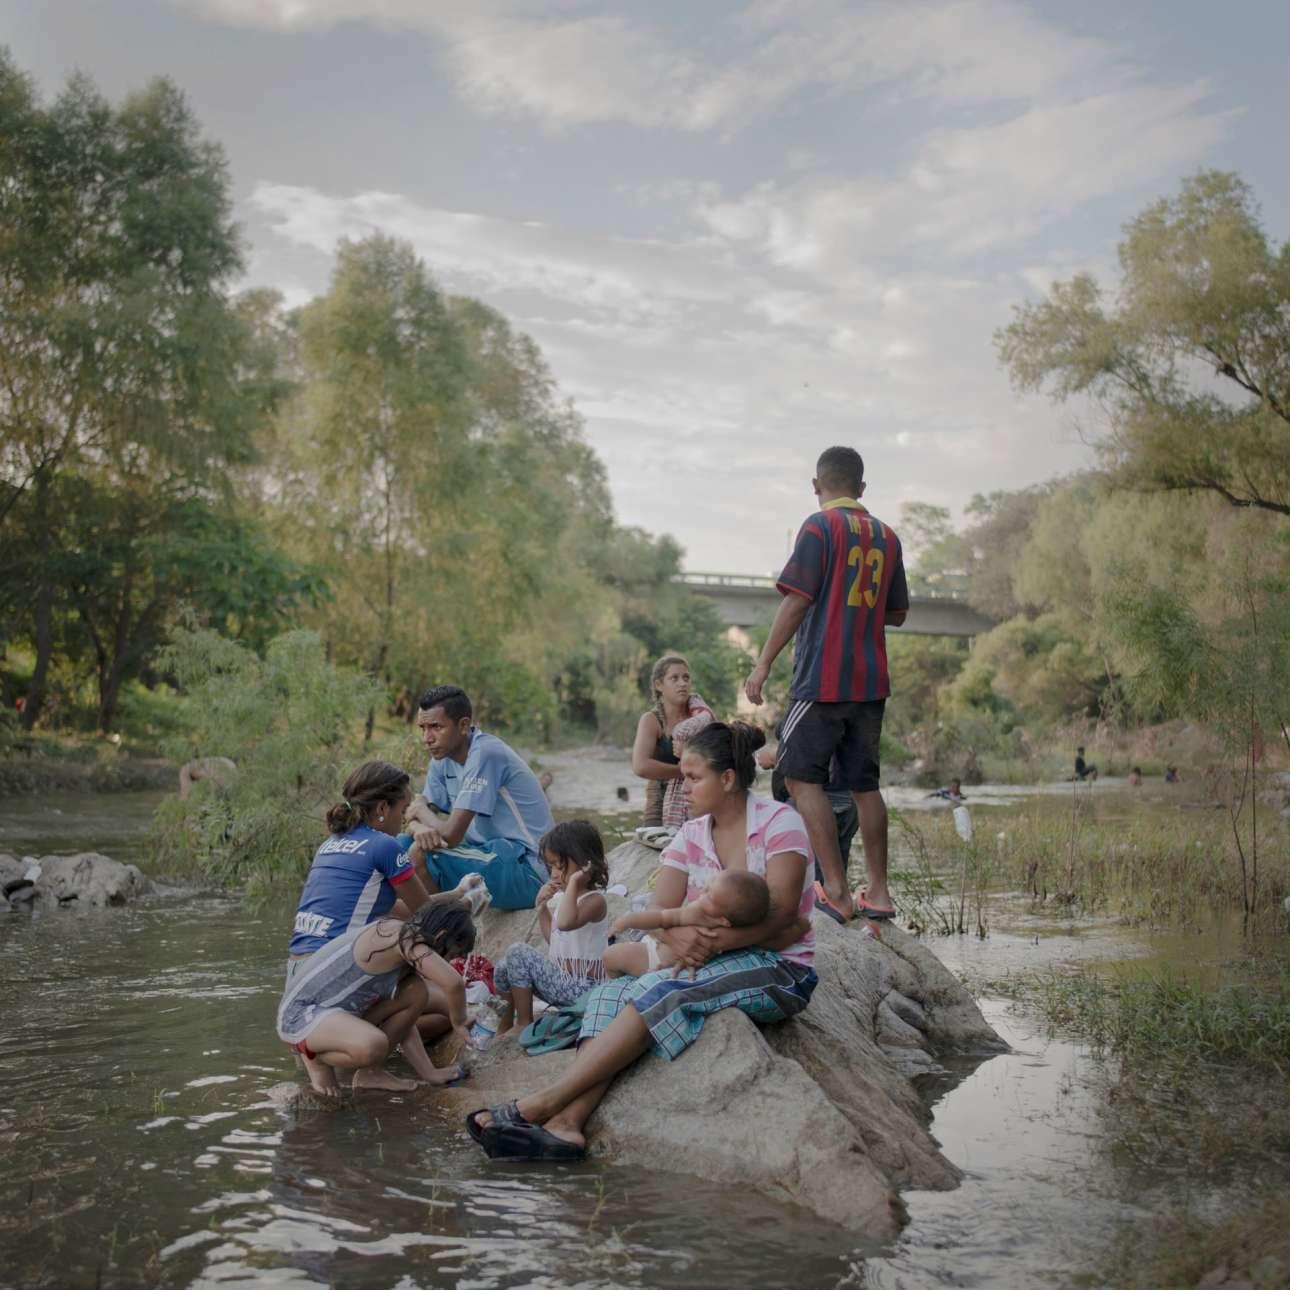 Πρώτη θέση στην κατηγορία Φωτορεπορτάζ της Χρονιάς. Κατά τη διάρκεια του Οκτωβρίου - Νοεμβρίου του 2018, χιλιάδες μετανάστες από την Κεντρική Αμερική εντάχθηκαν στα «καραβάνια» που κινούνταν προς τις ΗΠΑ, έπειτα από κάλεσμα μέσω καμπάνιας στα κοινωνικά δίκτυα